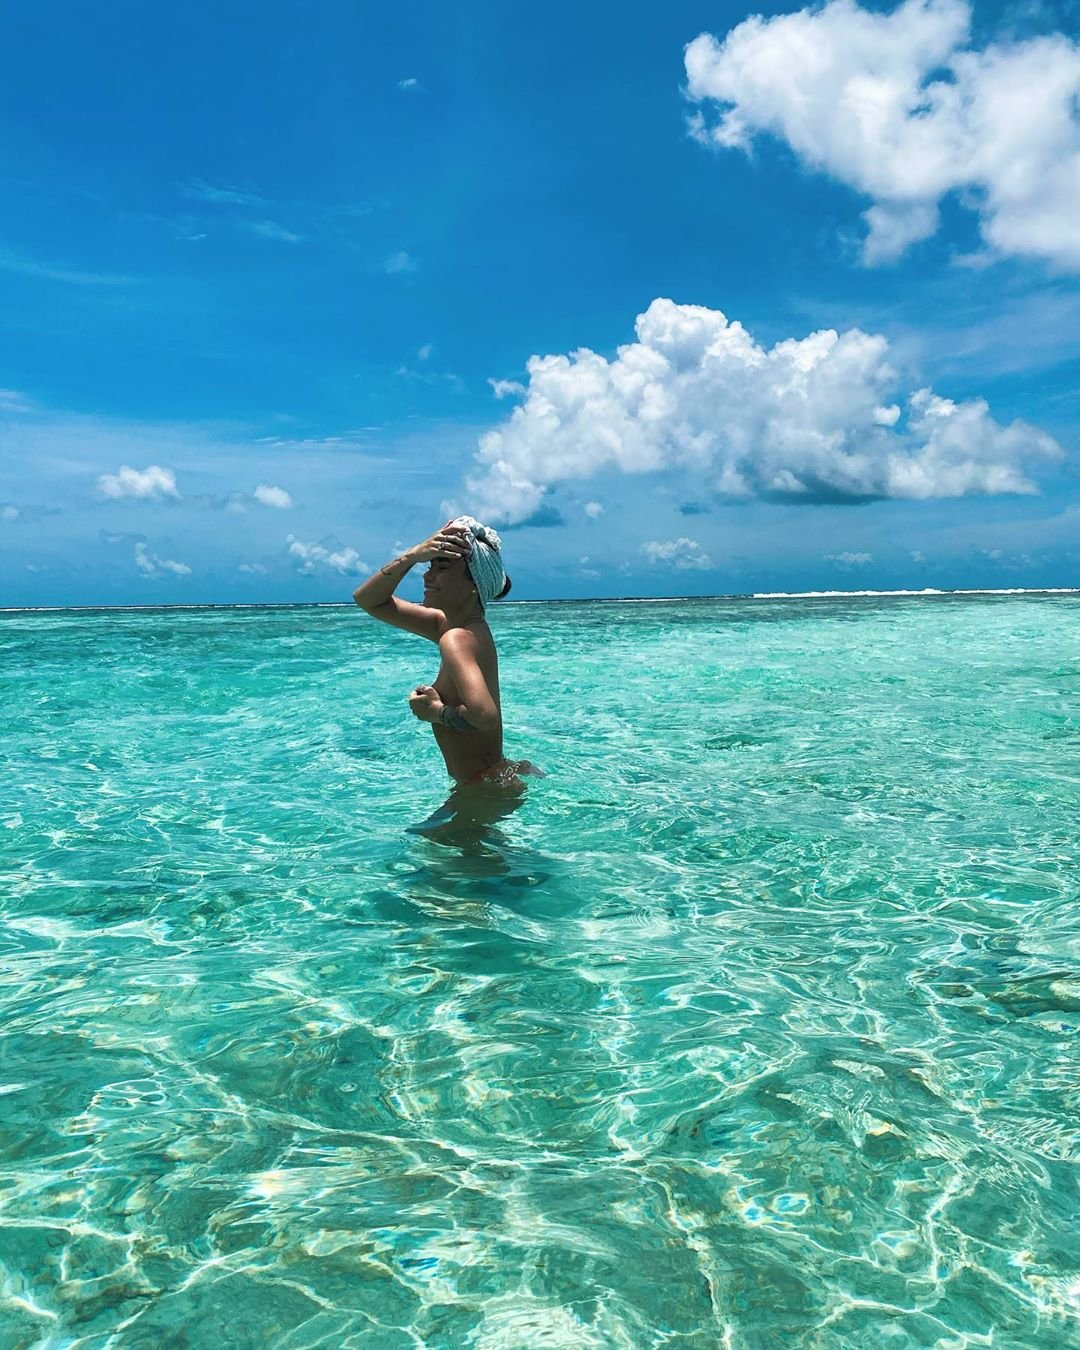 Айза Анохина снялась топлес на Мальдивах